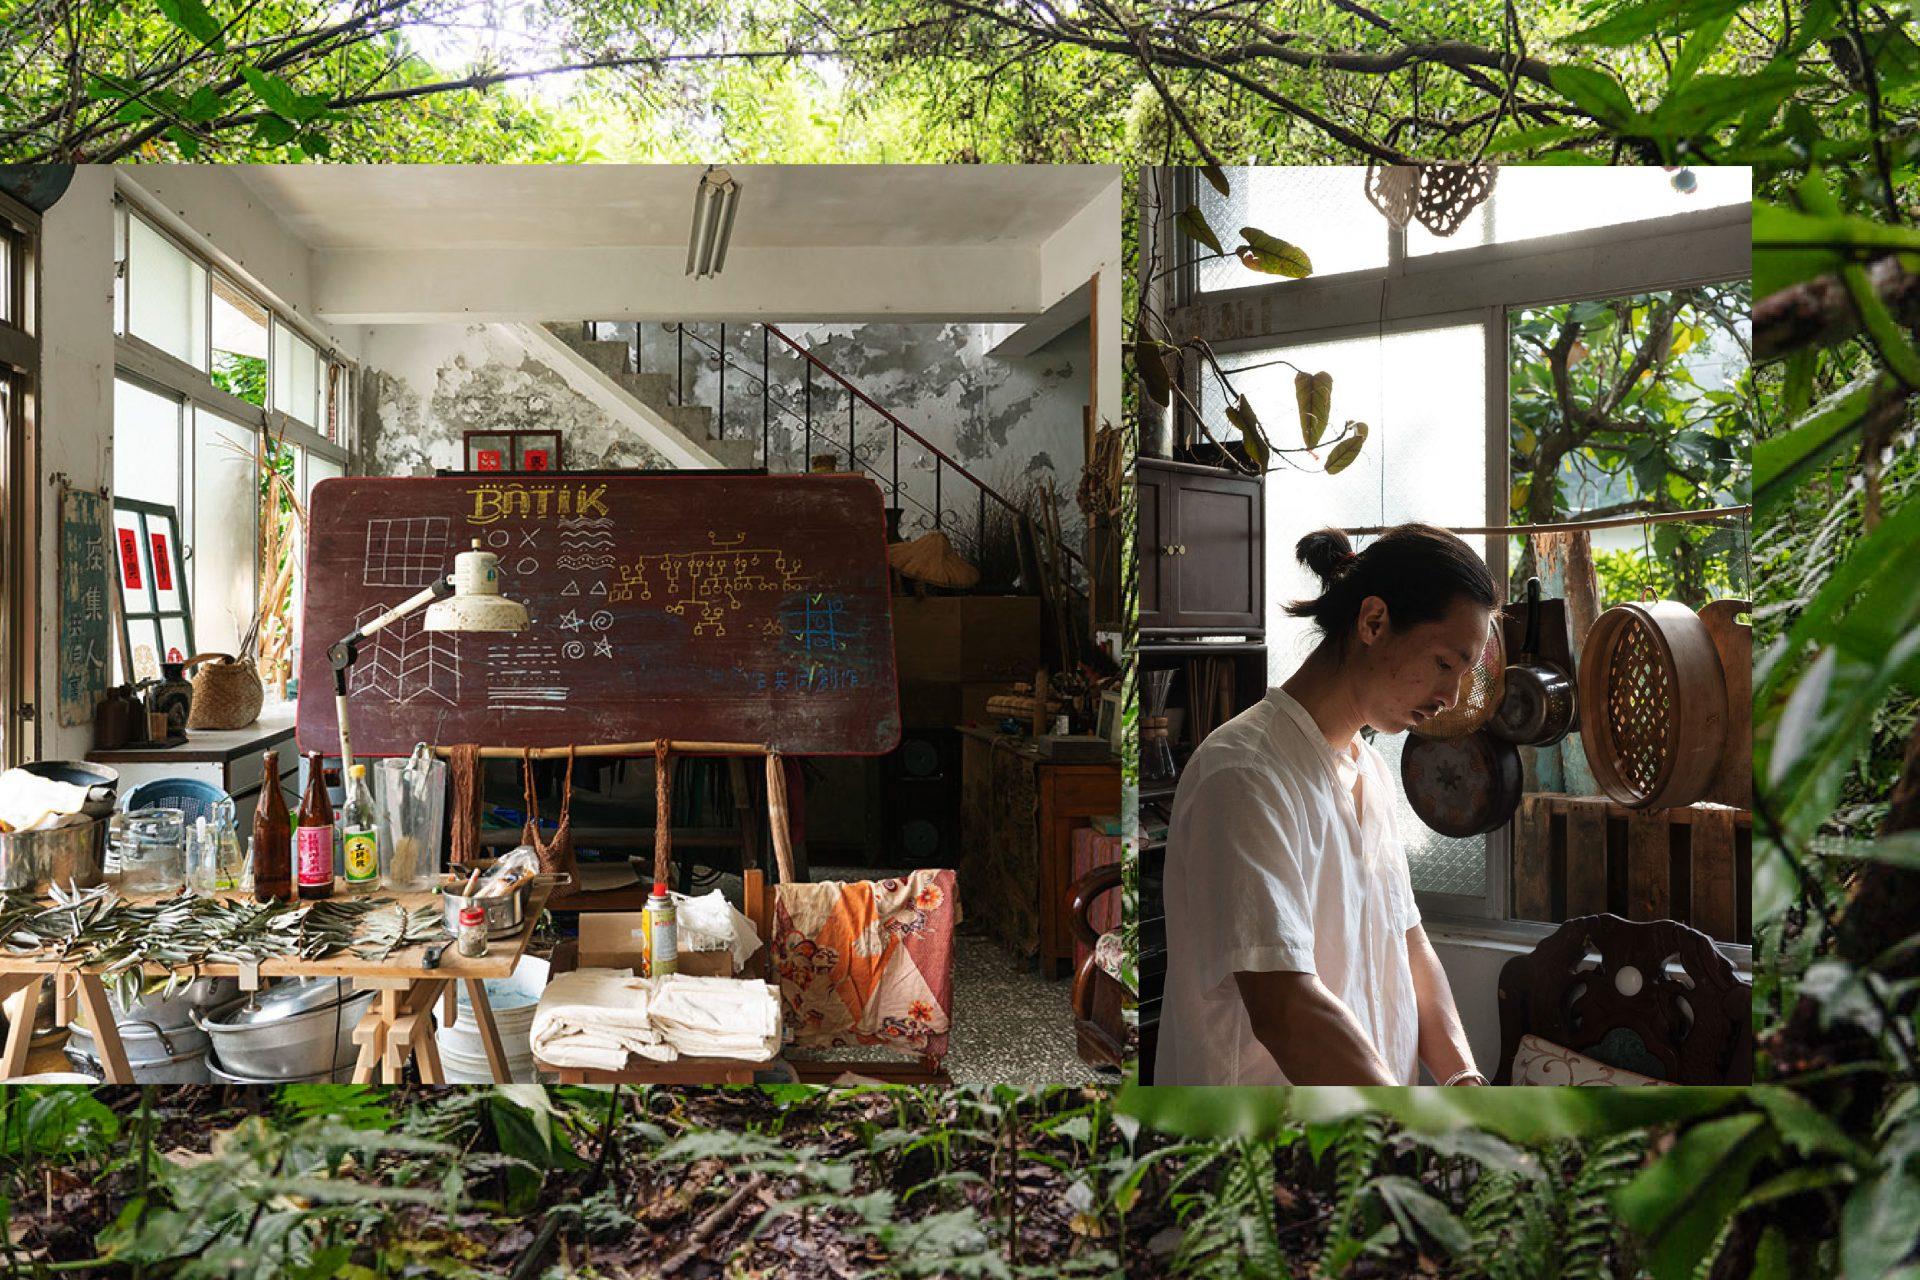 採集深藏山林和老街的文化 共作坪林生活: 採集人共作室/坪林故事採集